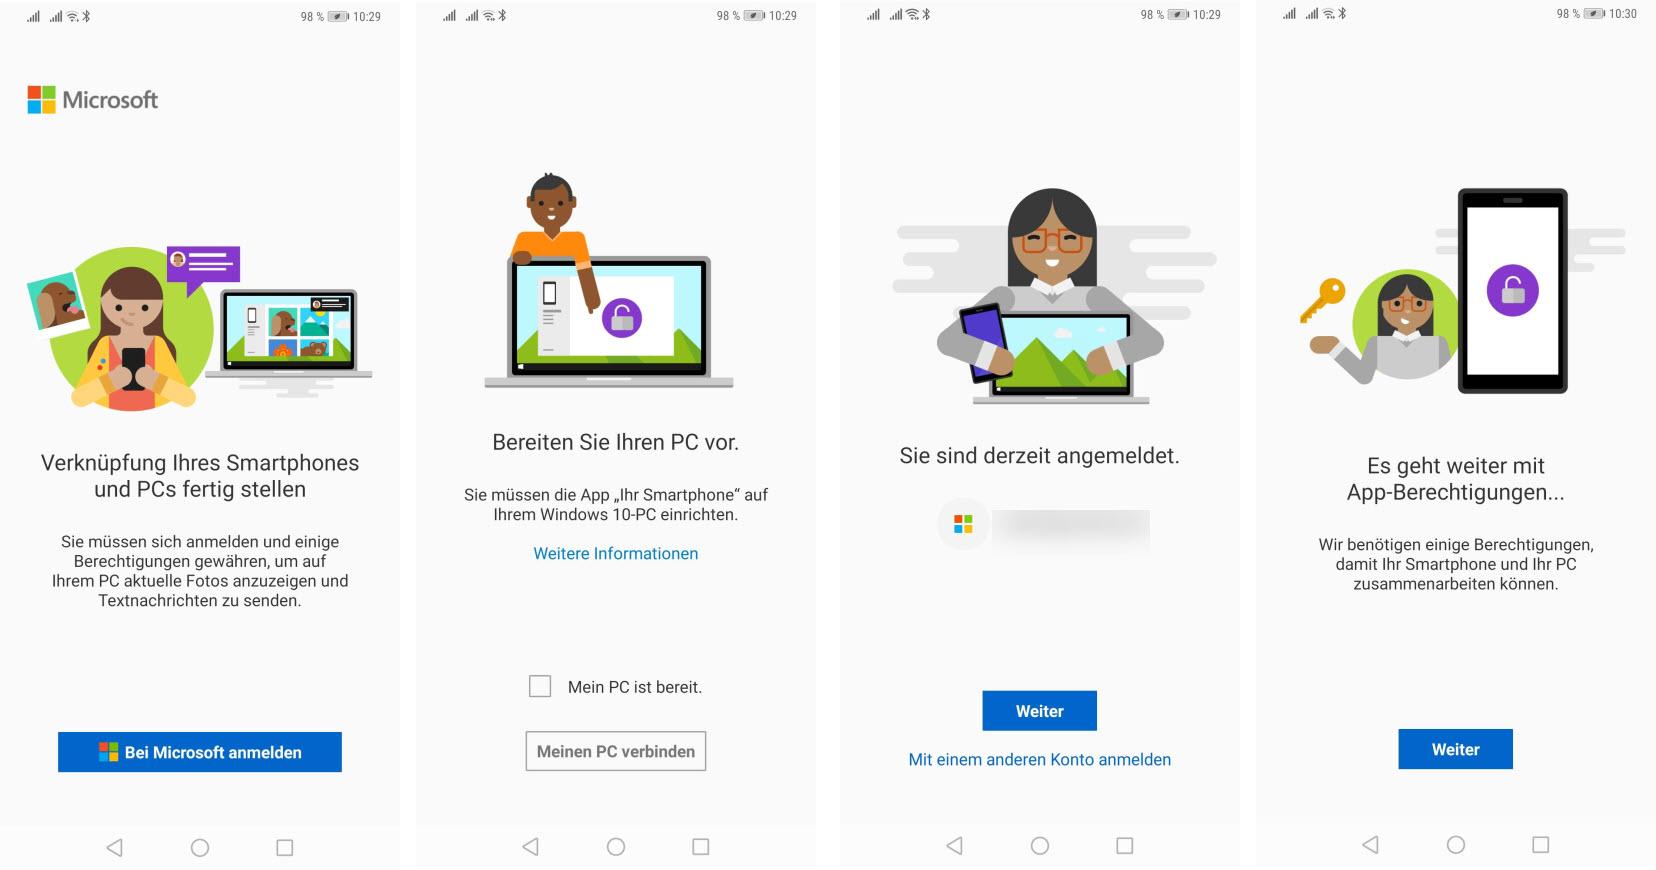 Einrichtung der PC-Companion App für Windows 10